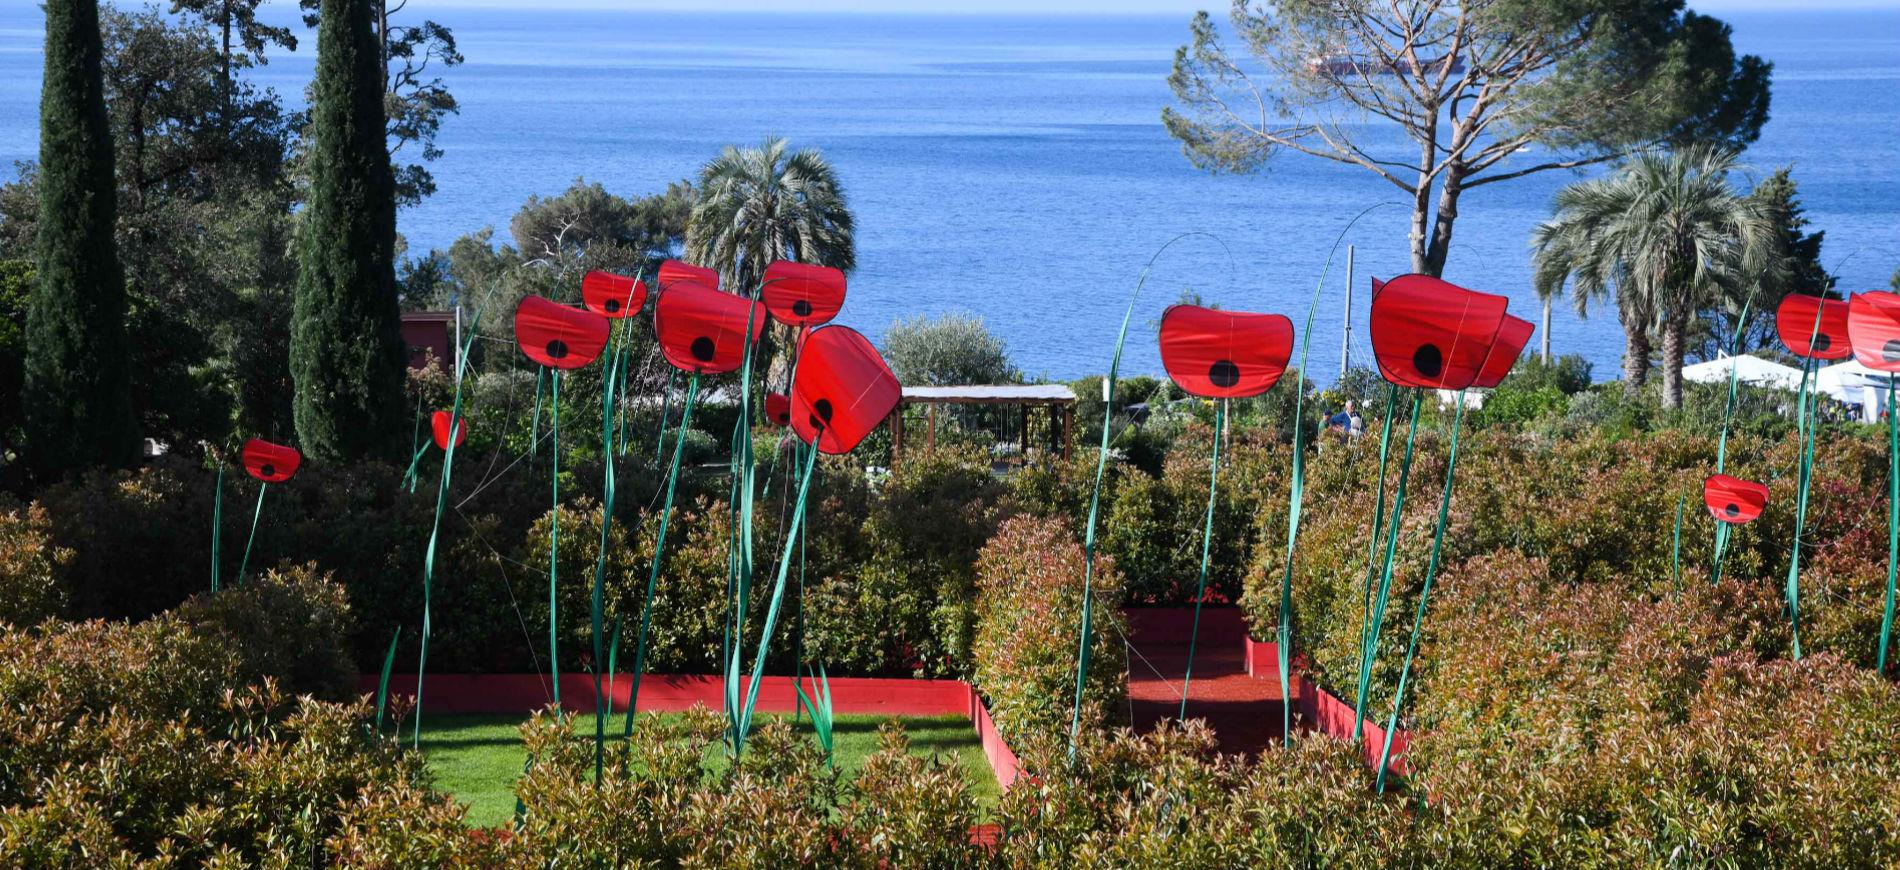 Euroflora 2018 - Genova, Parchi di Nervi: opere realizzate con fiori